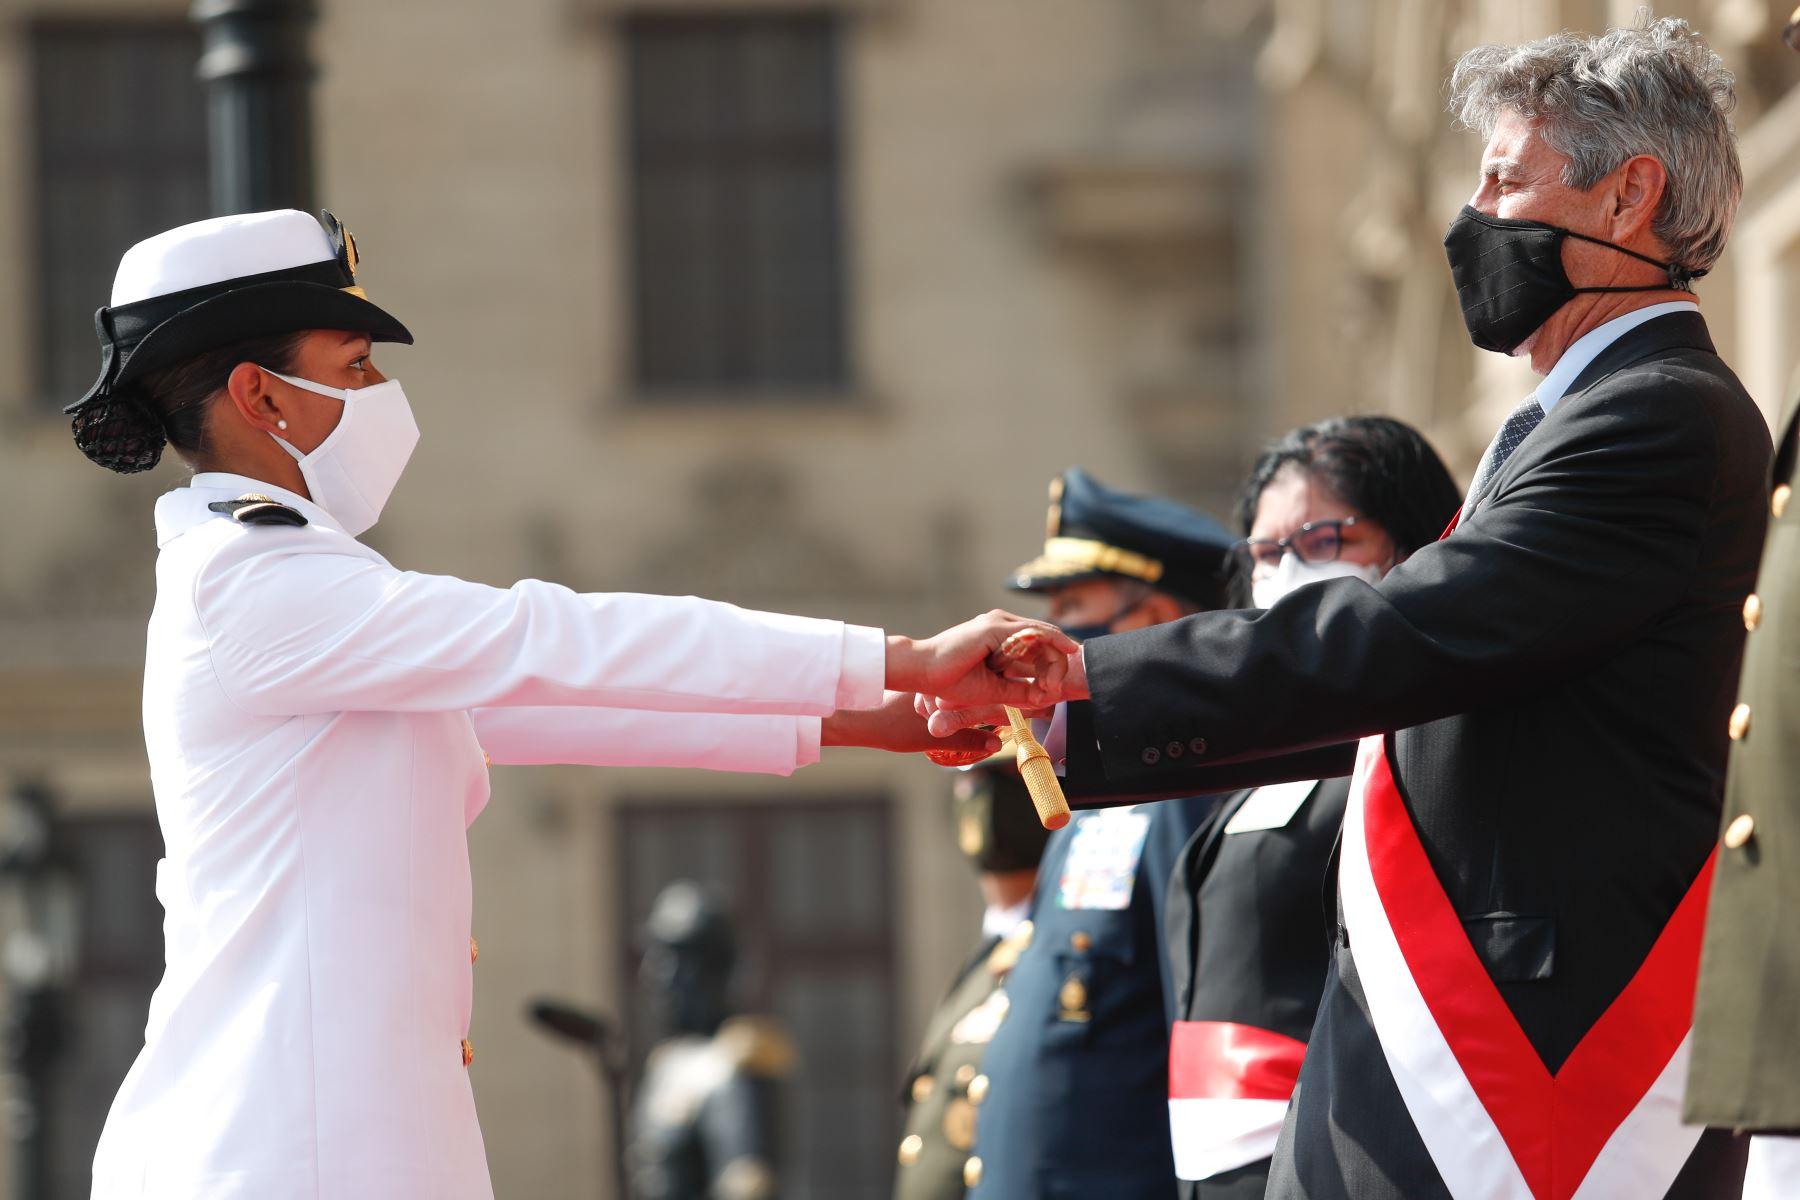 El Presidente de la República, Francisco Sagasti, lideró la ceremonia de entrega de Espada de Honor a los oficiales, recientemente graduados, que ocuparon el primer puesto de su promoción en las escuelas de formación de las Fuerzas Armadas. Foto: ANDINA/Prensa Presidencia